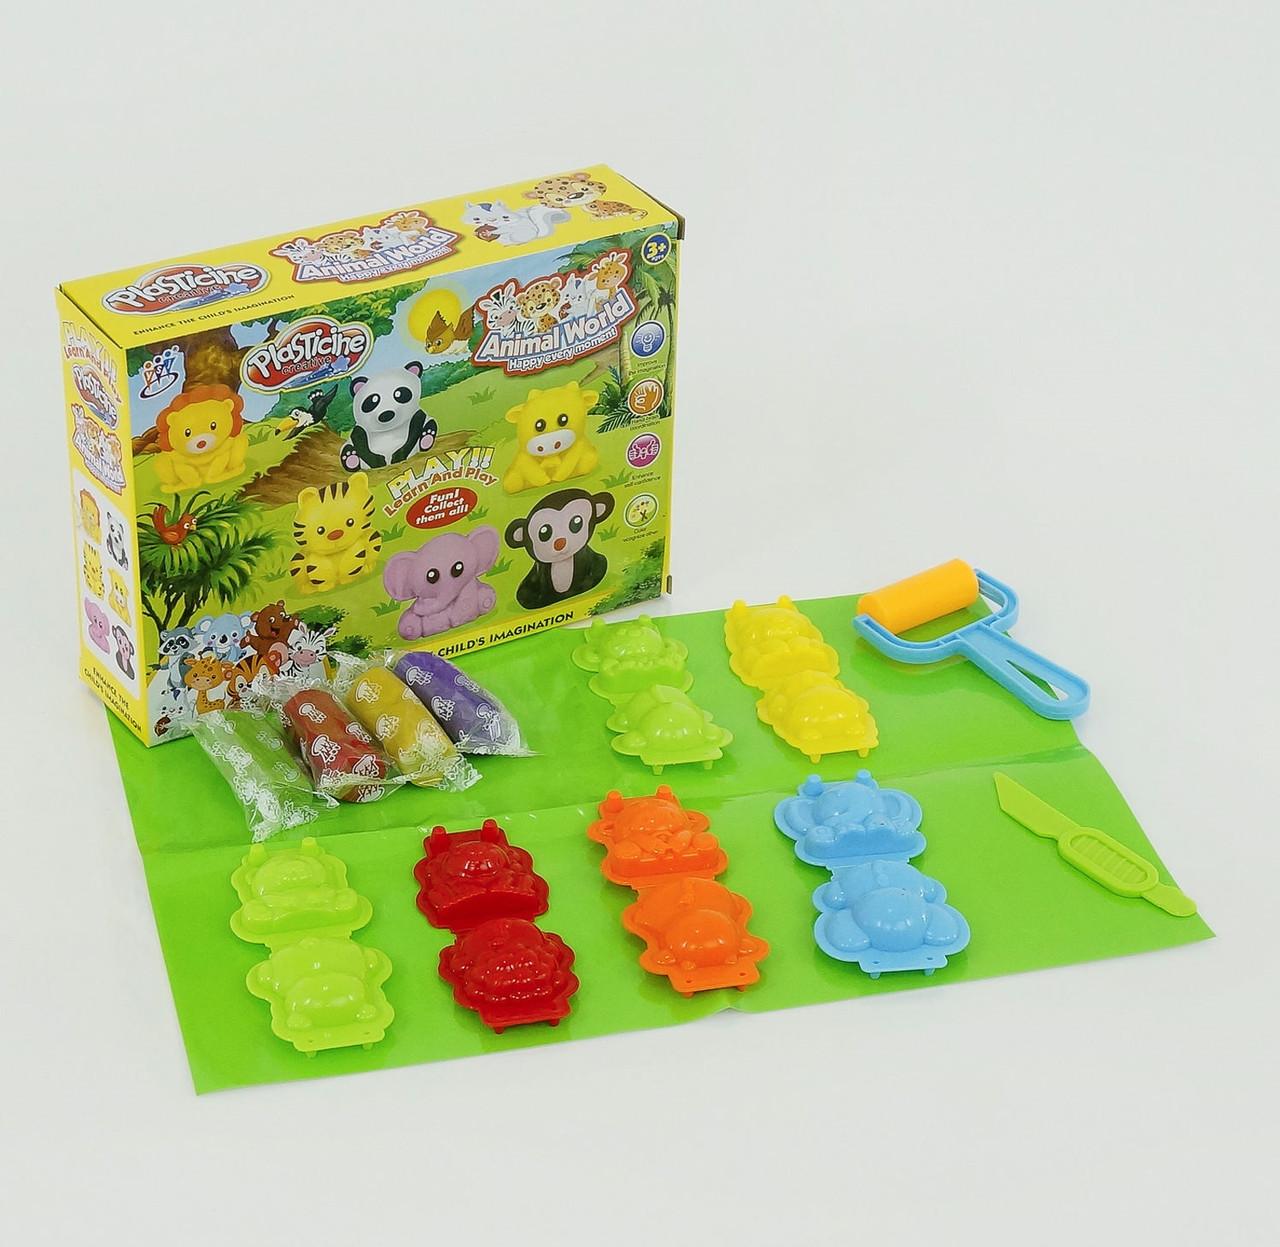 1304 А Тесто для лепки, набор для творчества Зоопарк, в коробке 24*6*18 см